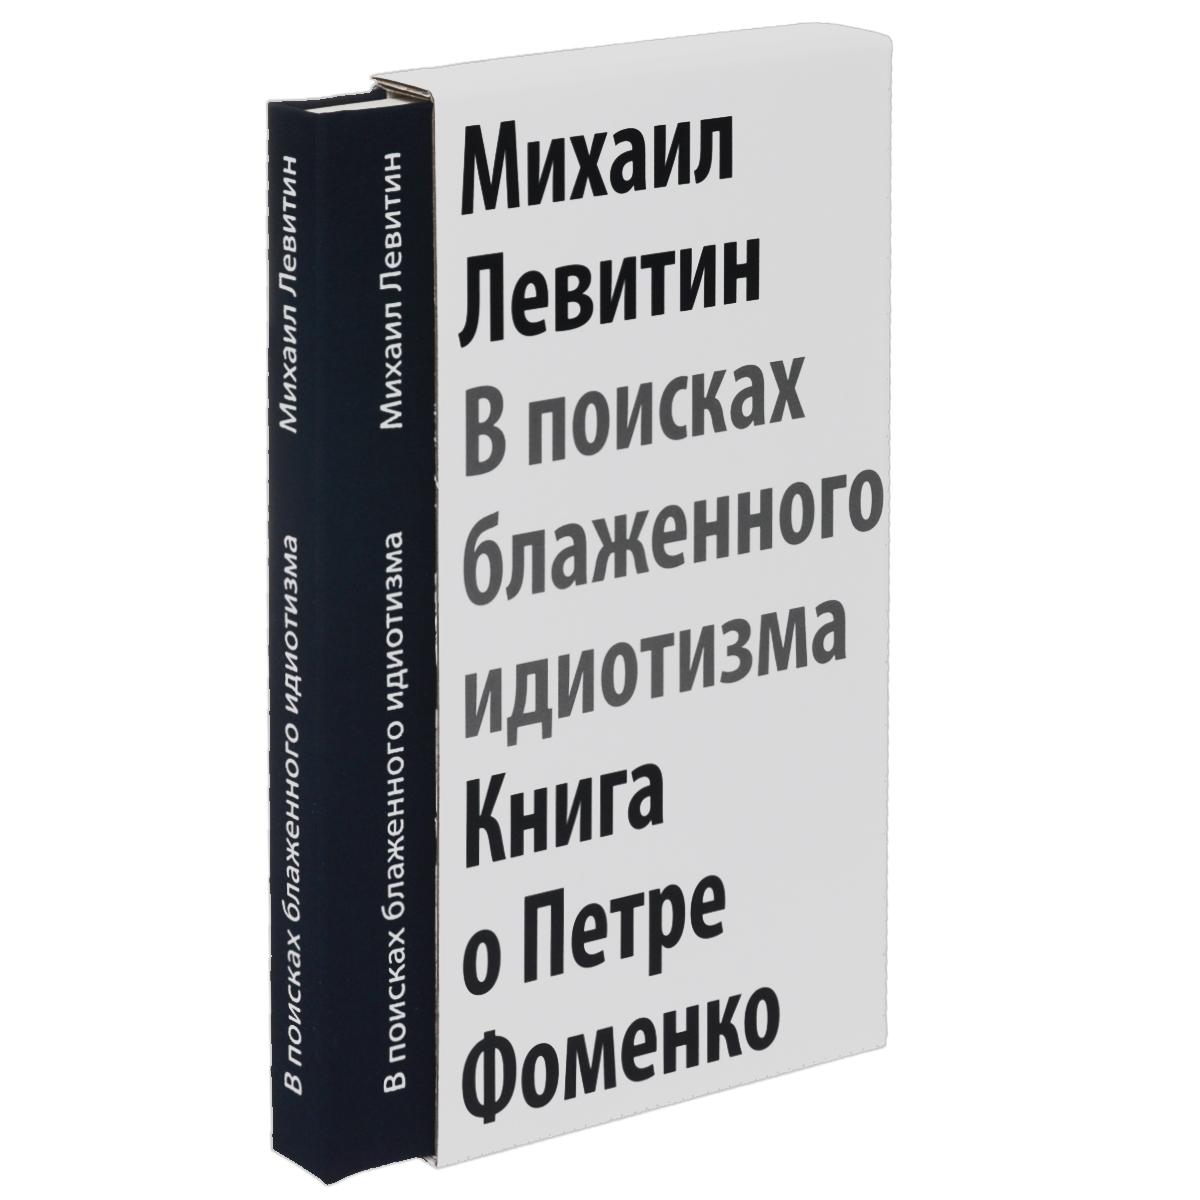 Михаил Левитин В поисках блаженного идиотизма. Книга о Петре Фоменко